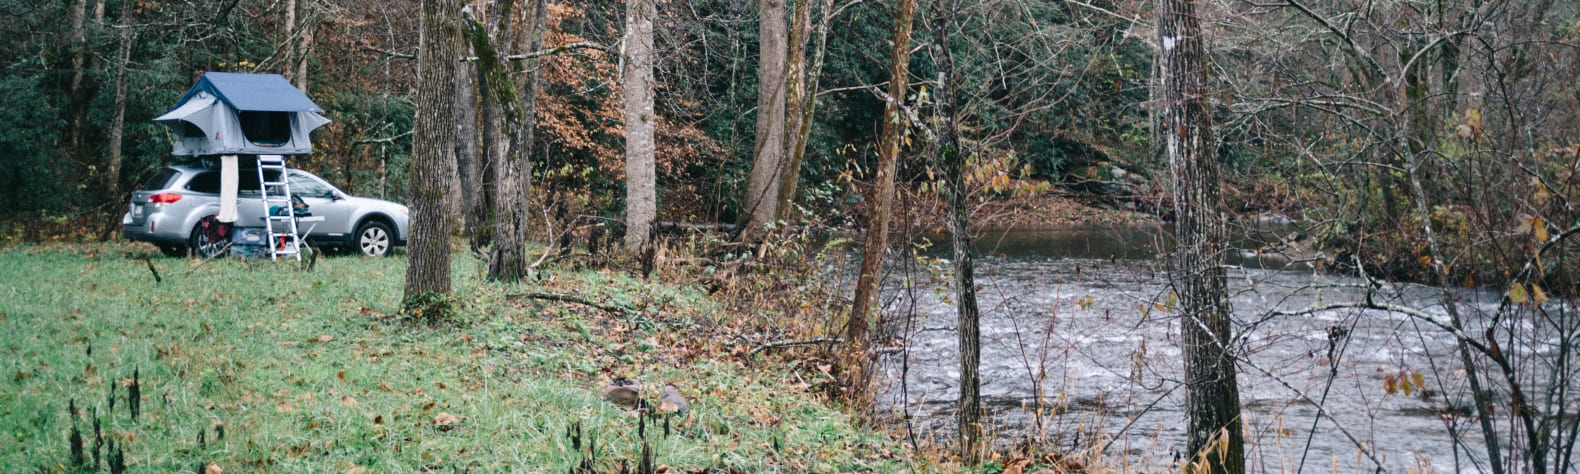 Primitive River